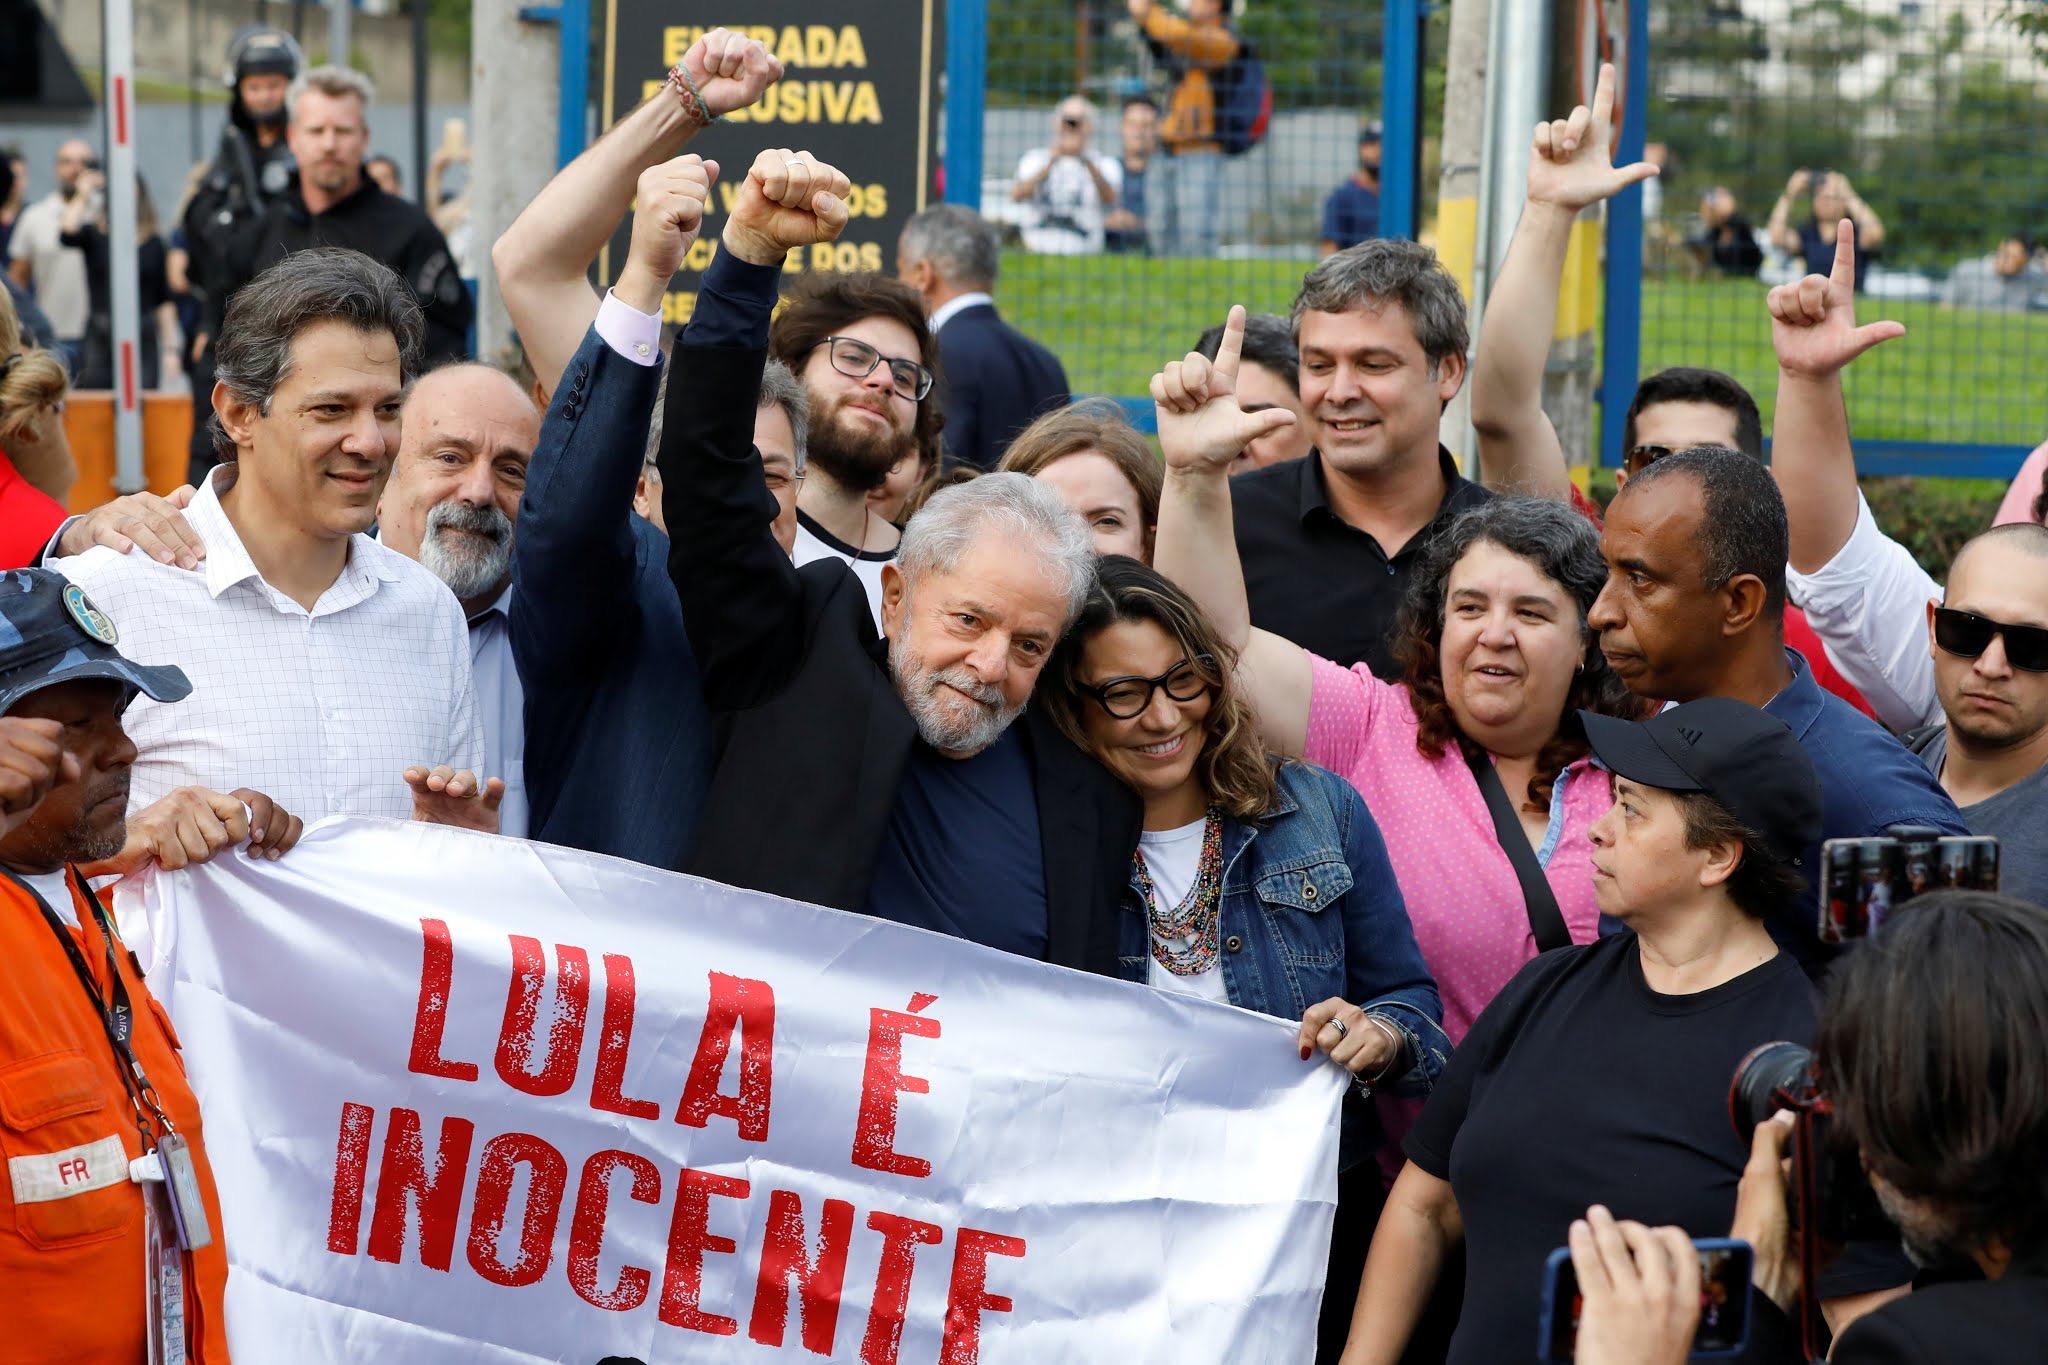 巴西前总统卢拉正式出狱